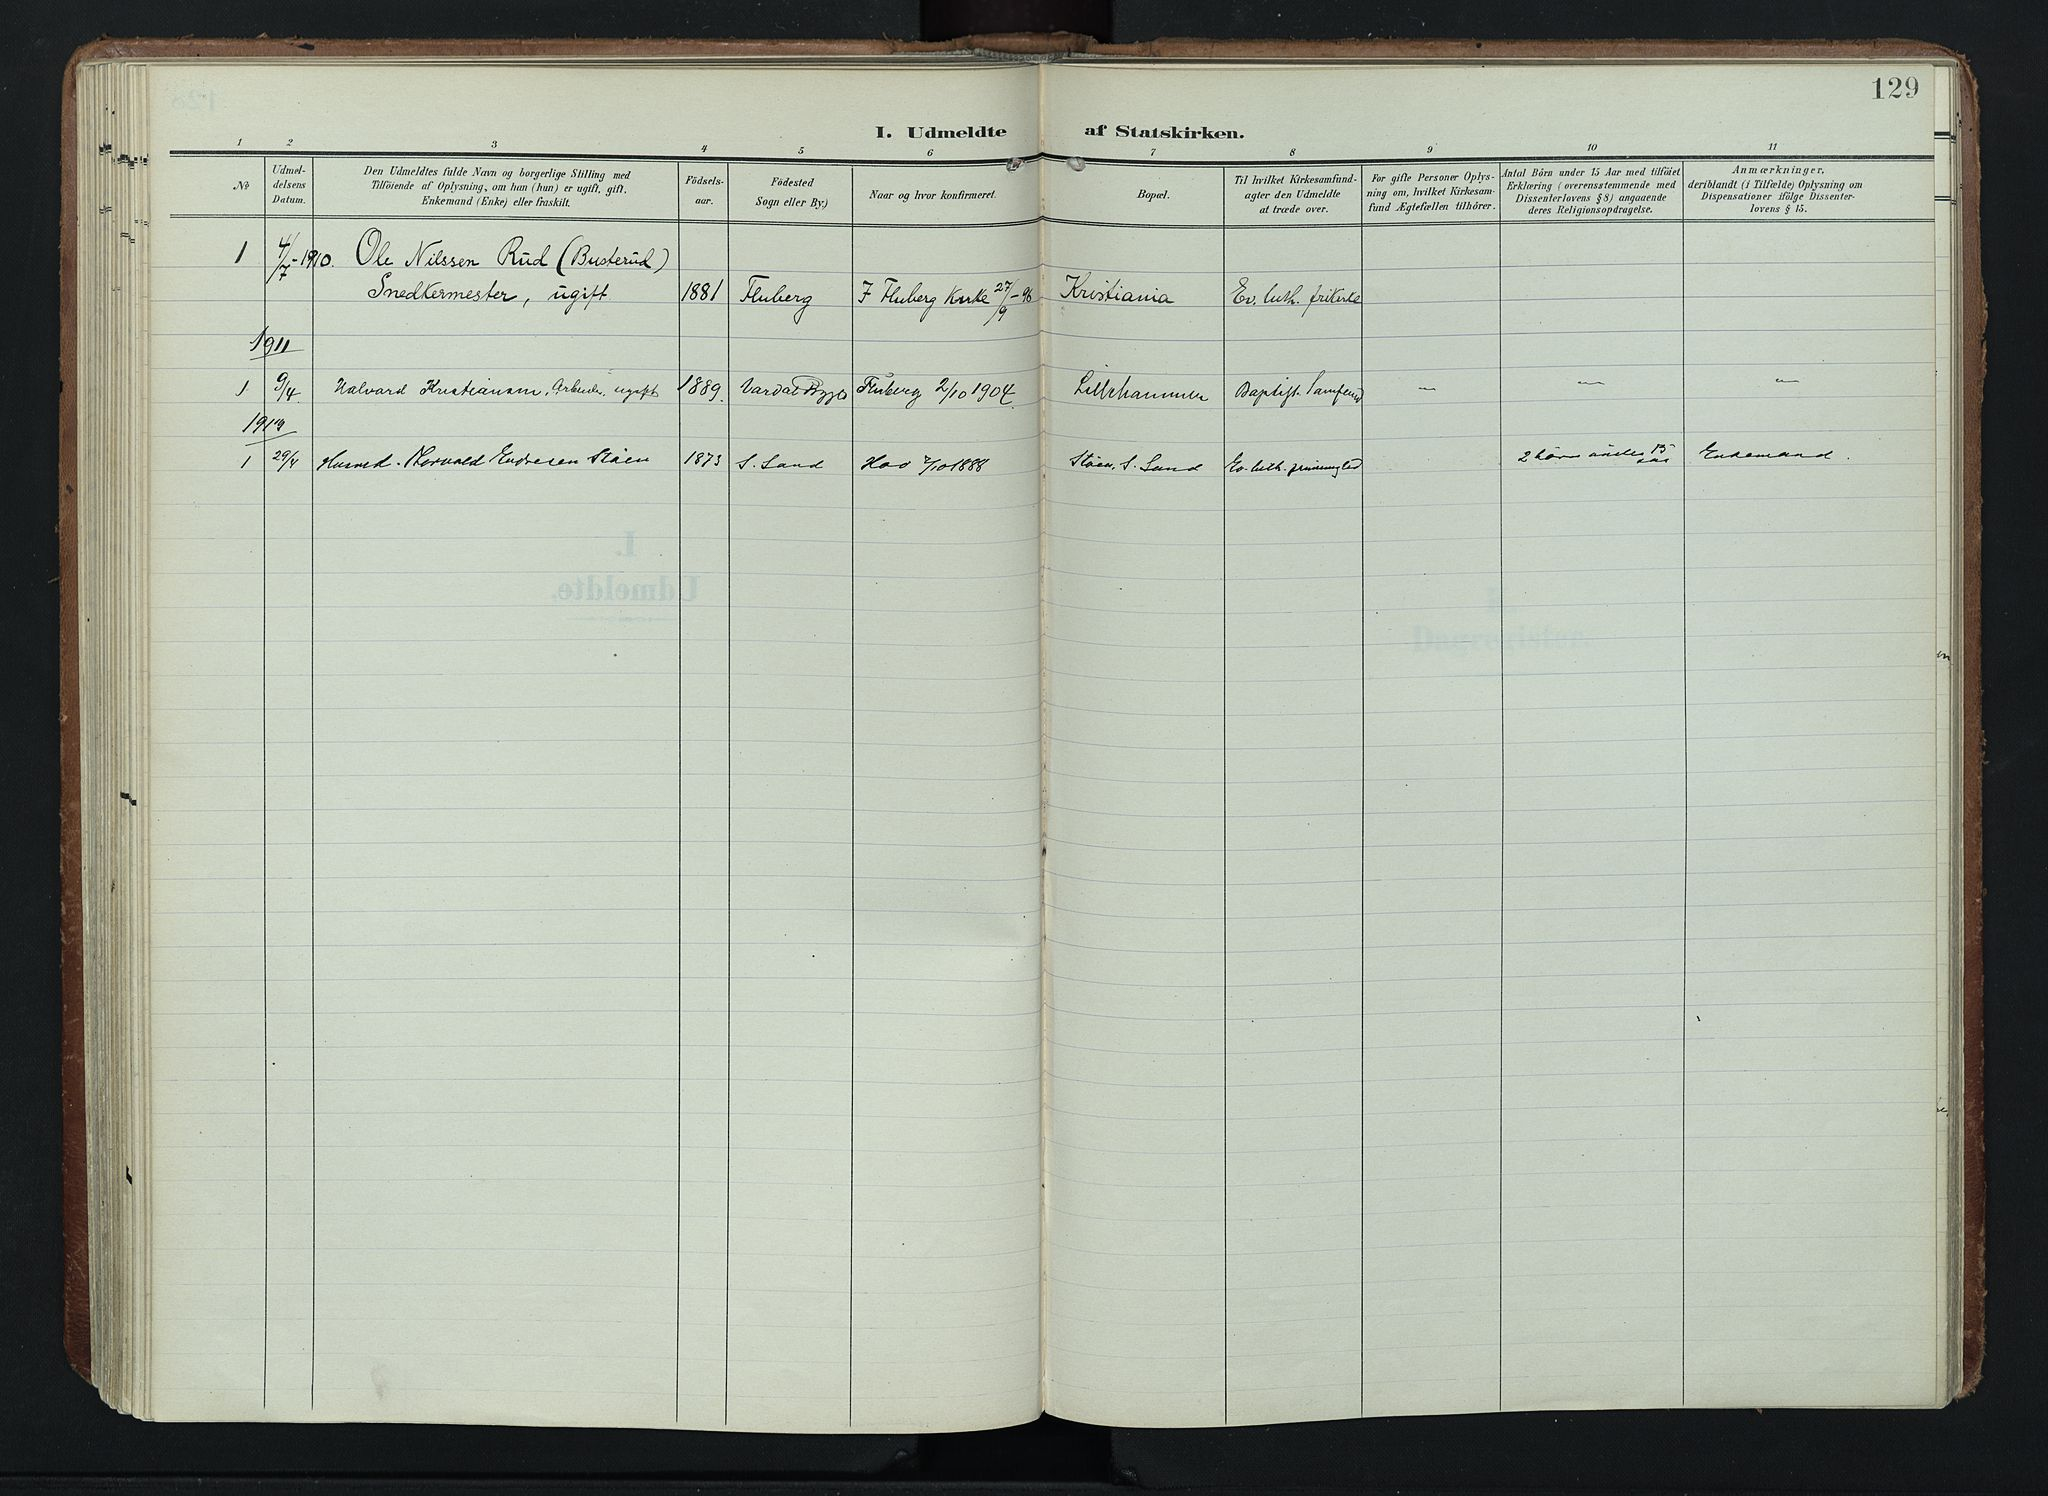 SAH, Søndre Land prestekontor, K/L0005: Ministerialbok nr. 5, 1905-1914, s. 129